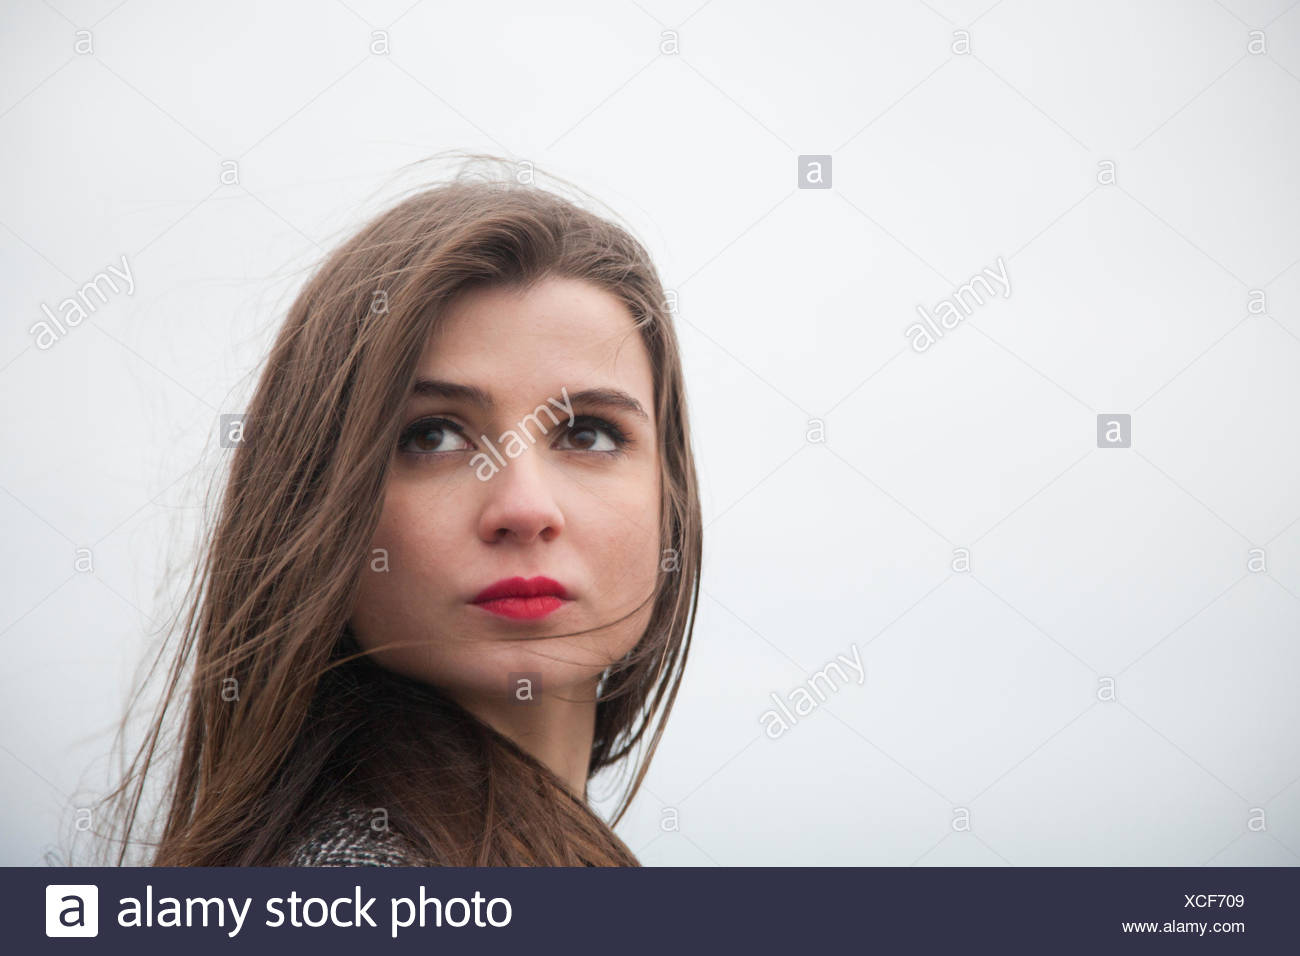 Ritratto di una giovane donna con capelli lunghi Immagini Stock